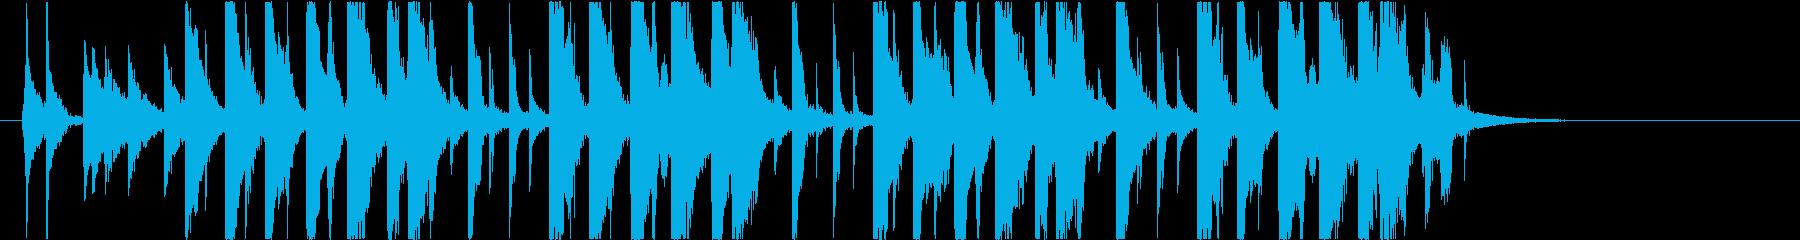 【南国効果音】ビーチサンダルの再生済みの波形